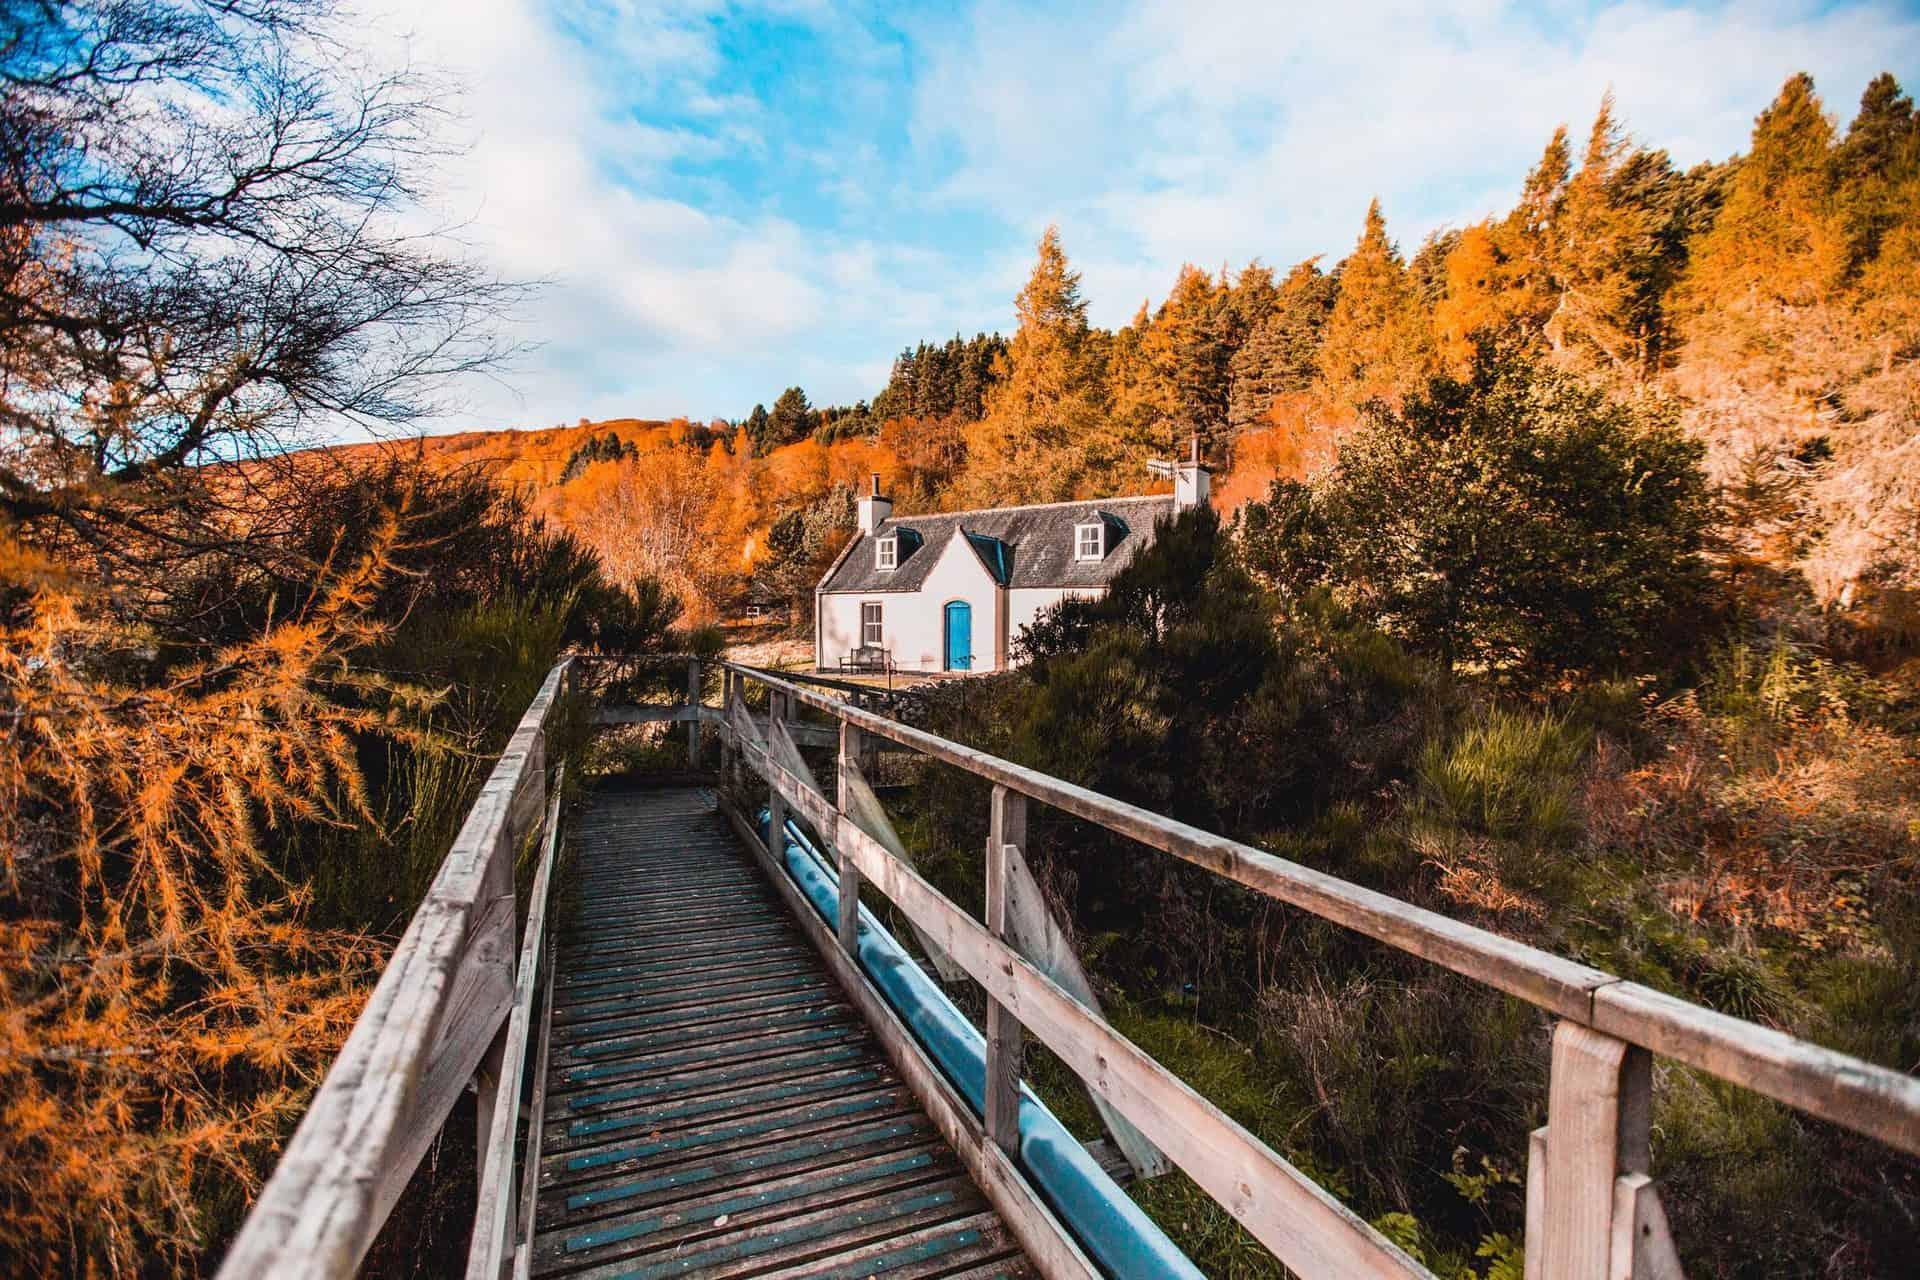 Gardener's Cottage - Holiday Vacation rental at Cawdor Estate